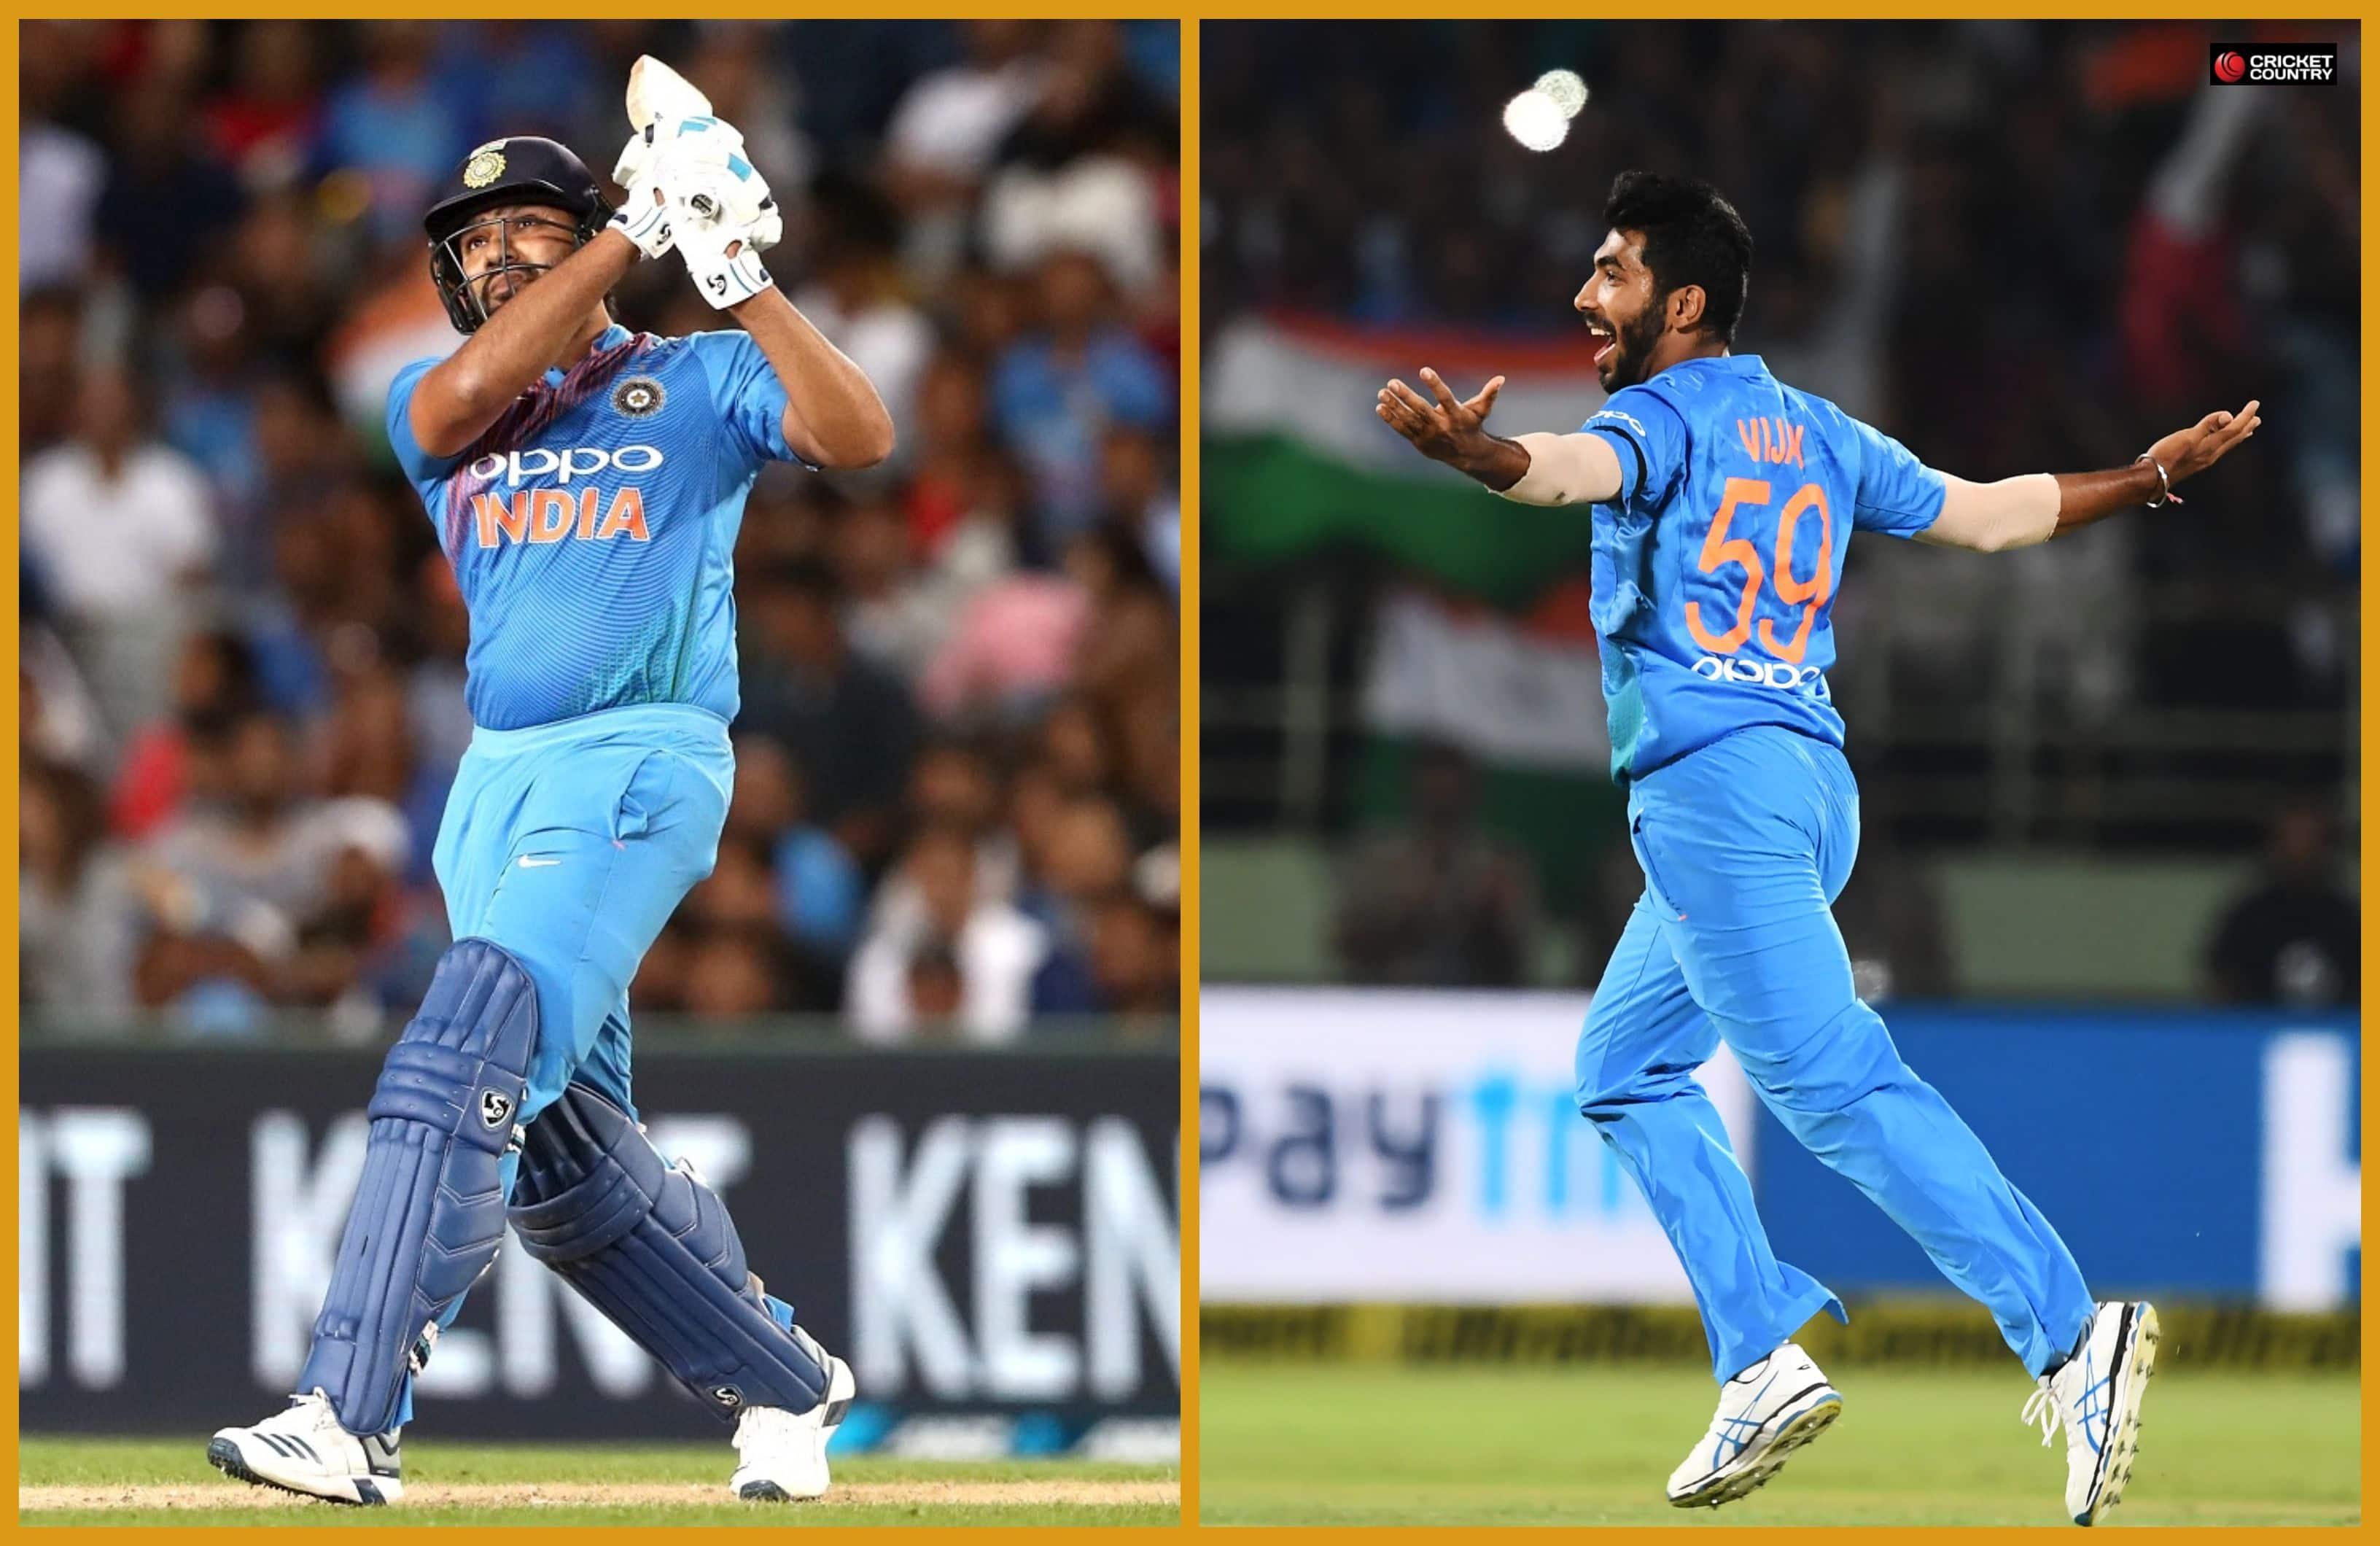 बुमराह के हिसाब से दुनियां का सबसे खतरनाक बल्लेबाज़ भारतीय खिलाड़ी है, जानें वो कौन है....